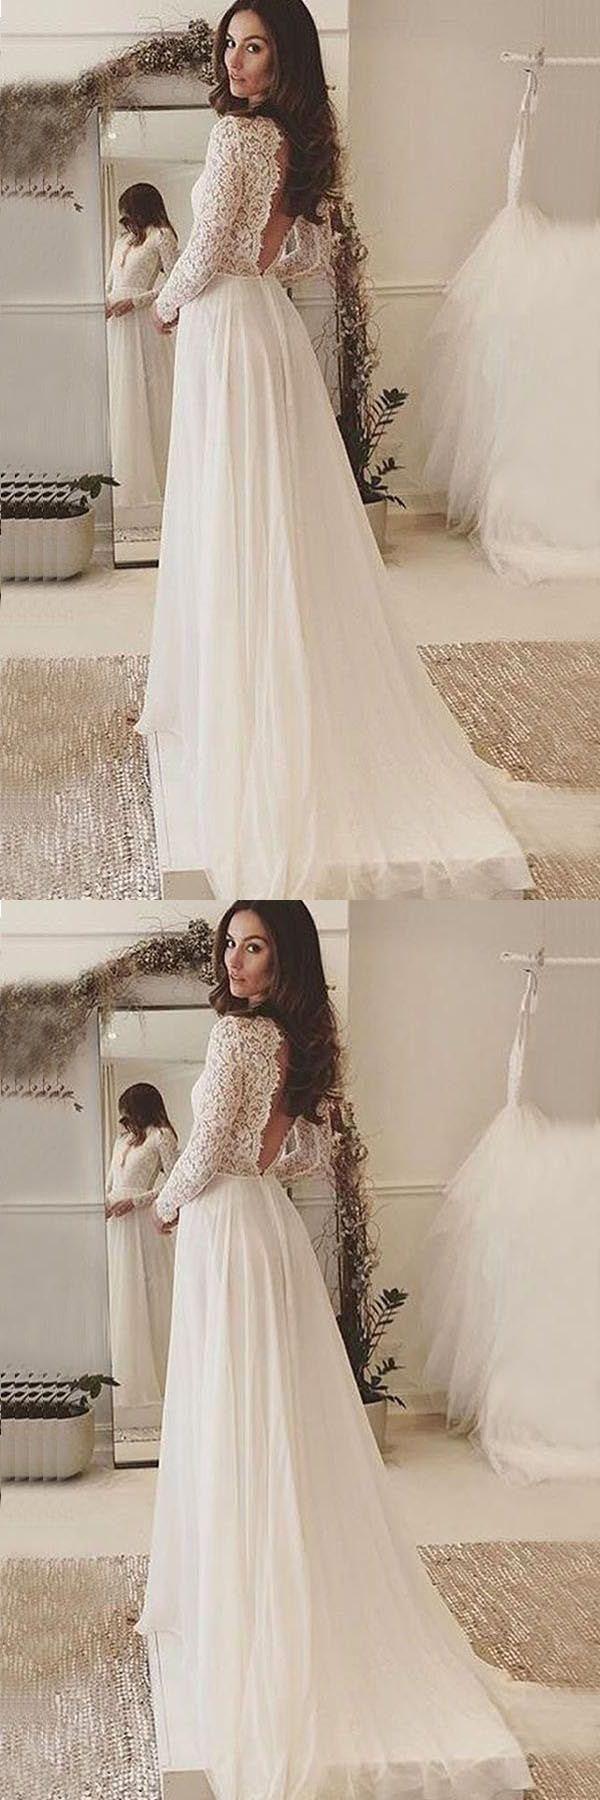 Excellent wedding dresses vneck long sleeves backless ivory